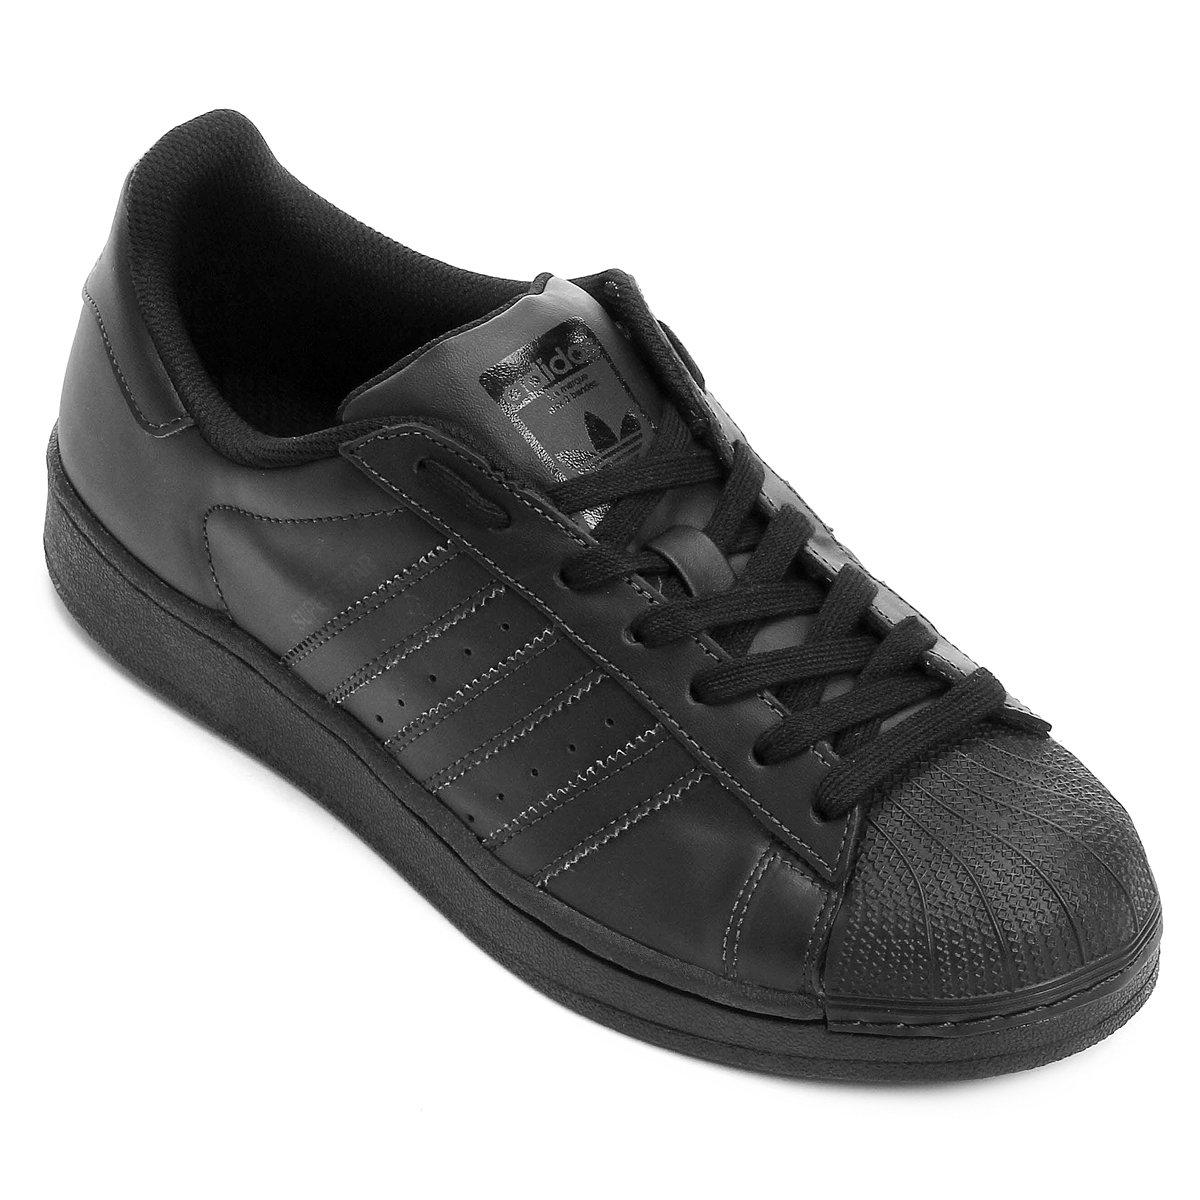 74d24a1b76 Tênis Adidas Superstar Foundation - Preto - Compre Agora